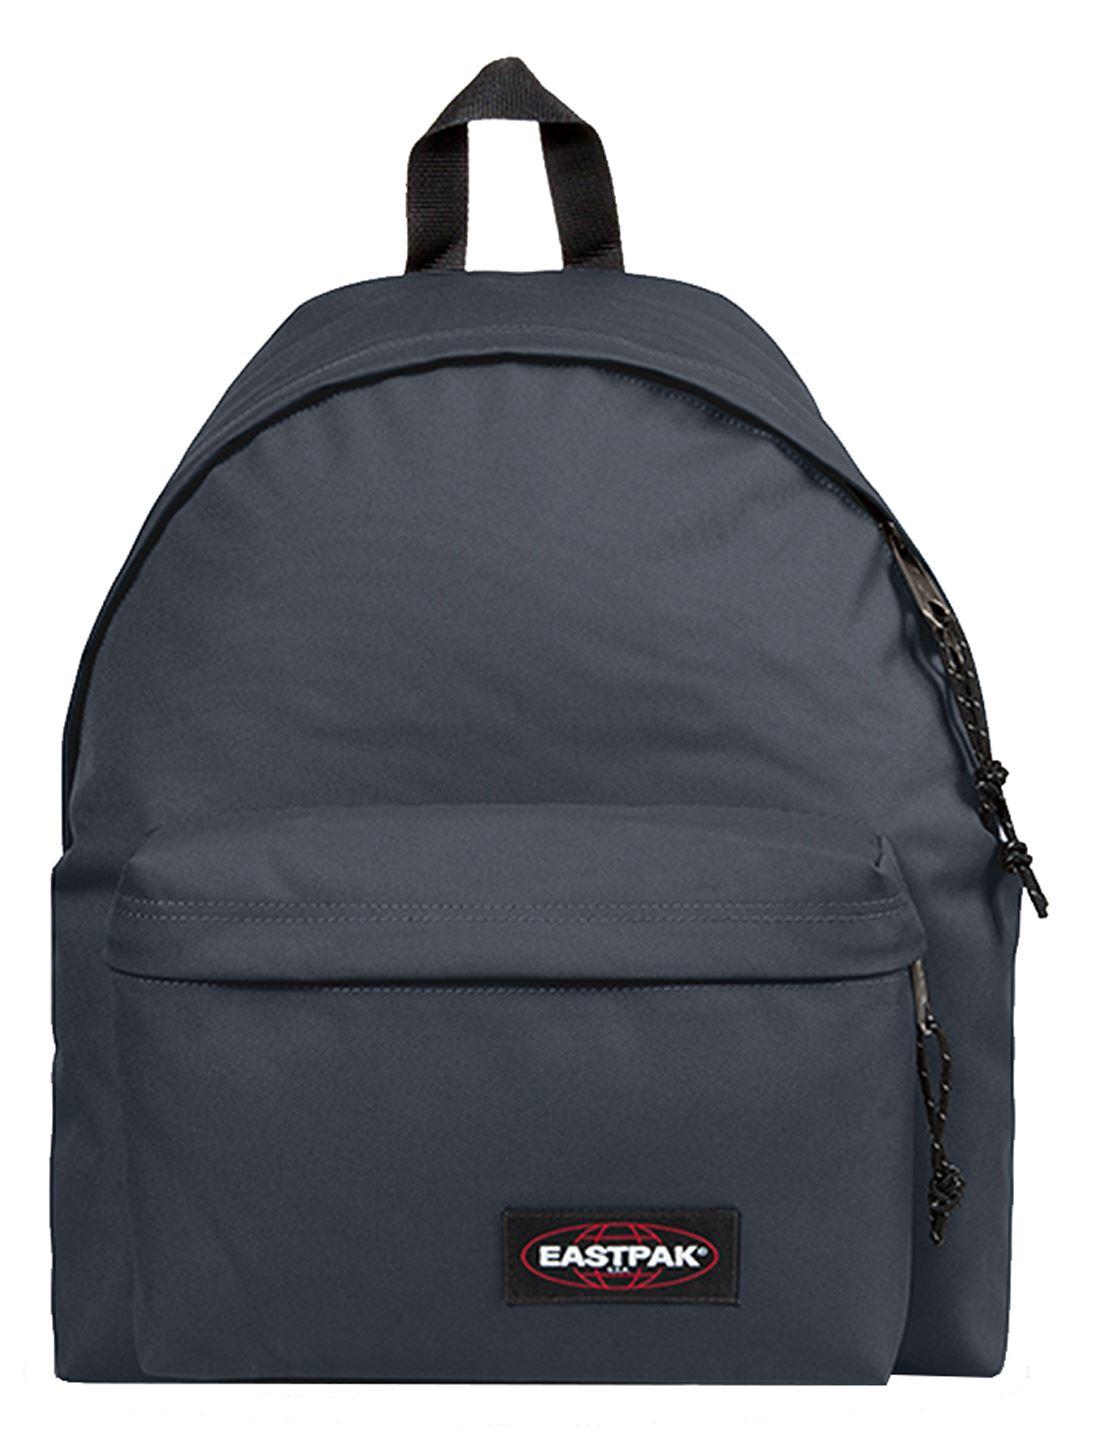 eastpak padded pak 39 r series premium large rucksack backpack school college bag ebay. Black Bedroom Furniture Sets. Home Design Ideas